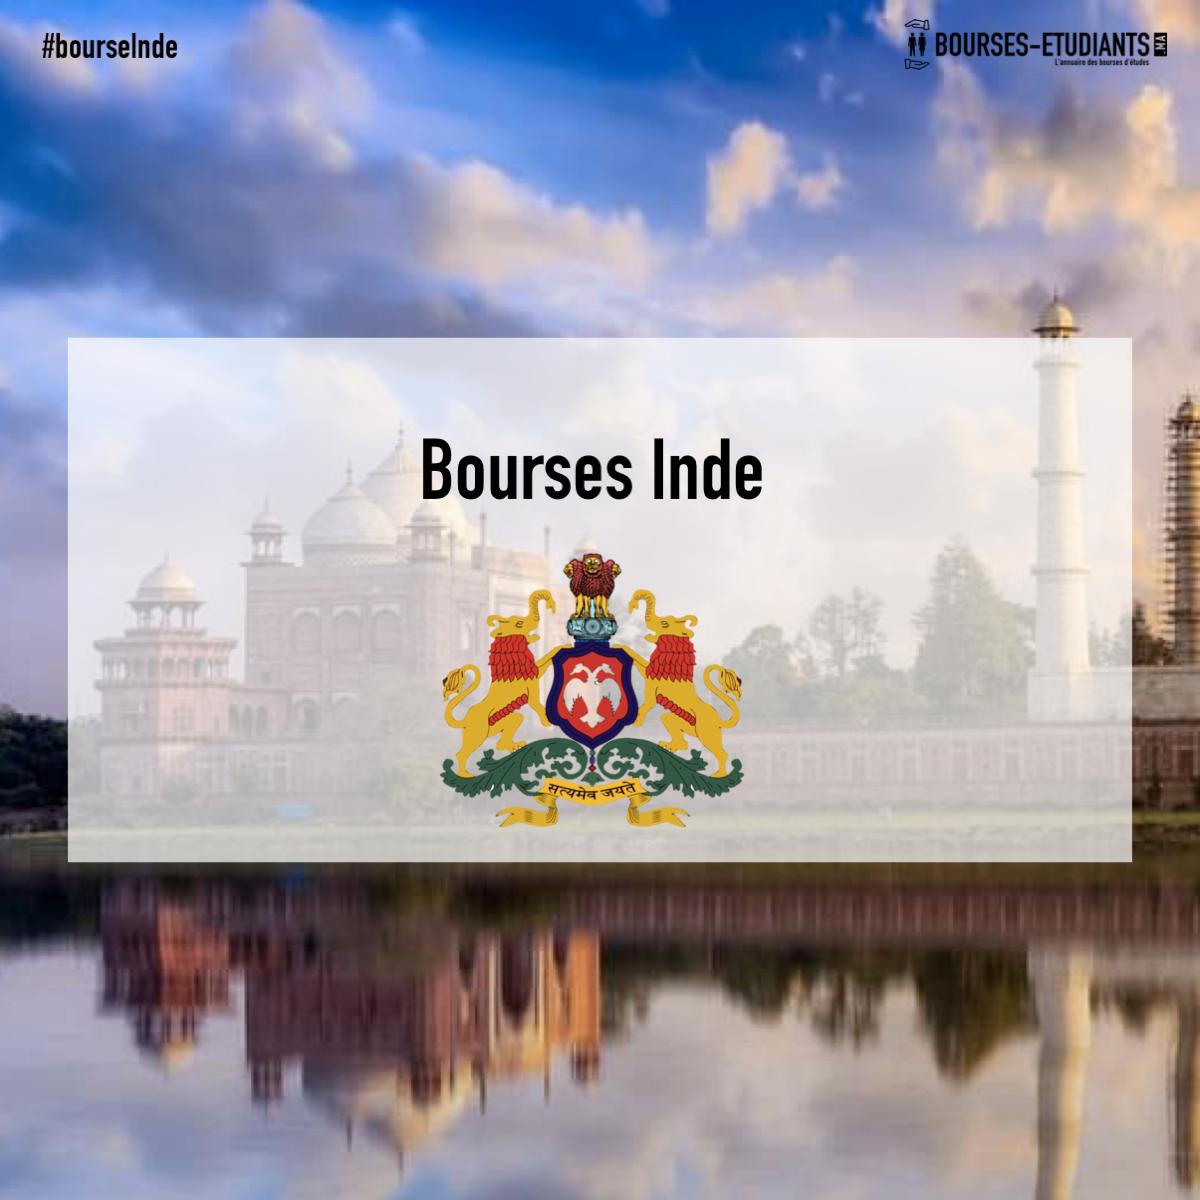 bourse Inde